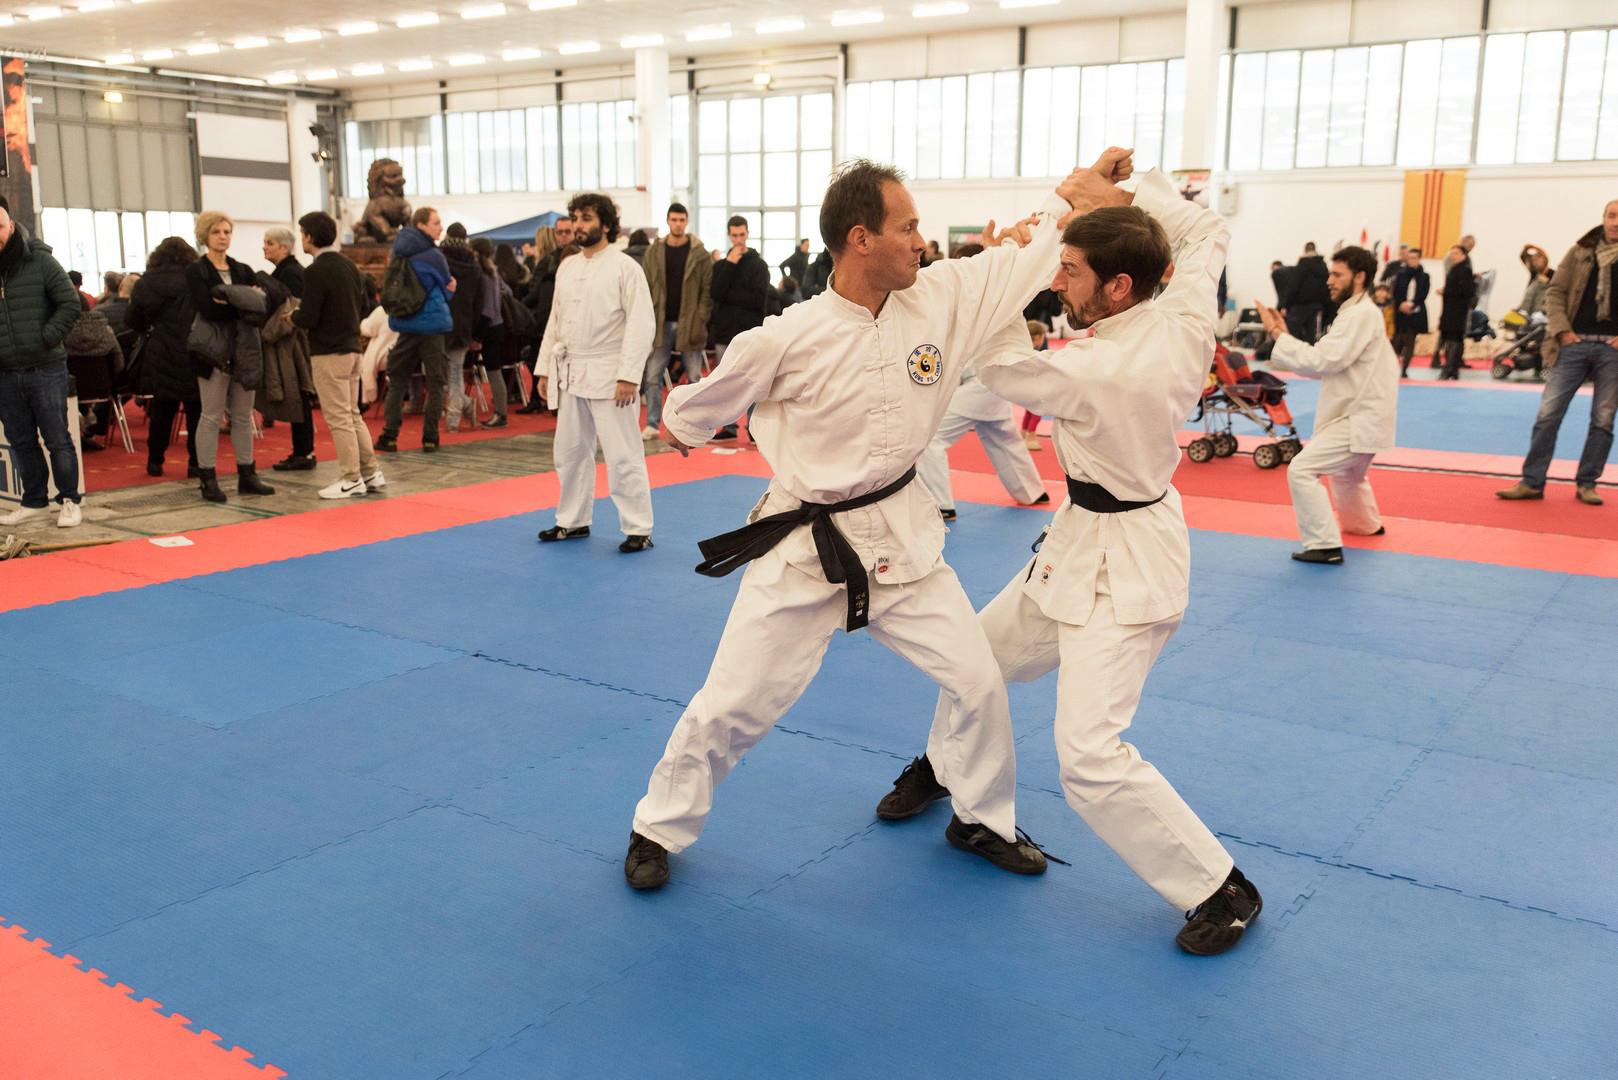 Festival dell'Oriente 2015 - Shaolin - Leve e Proiezioni